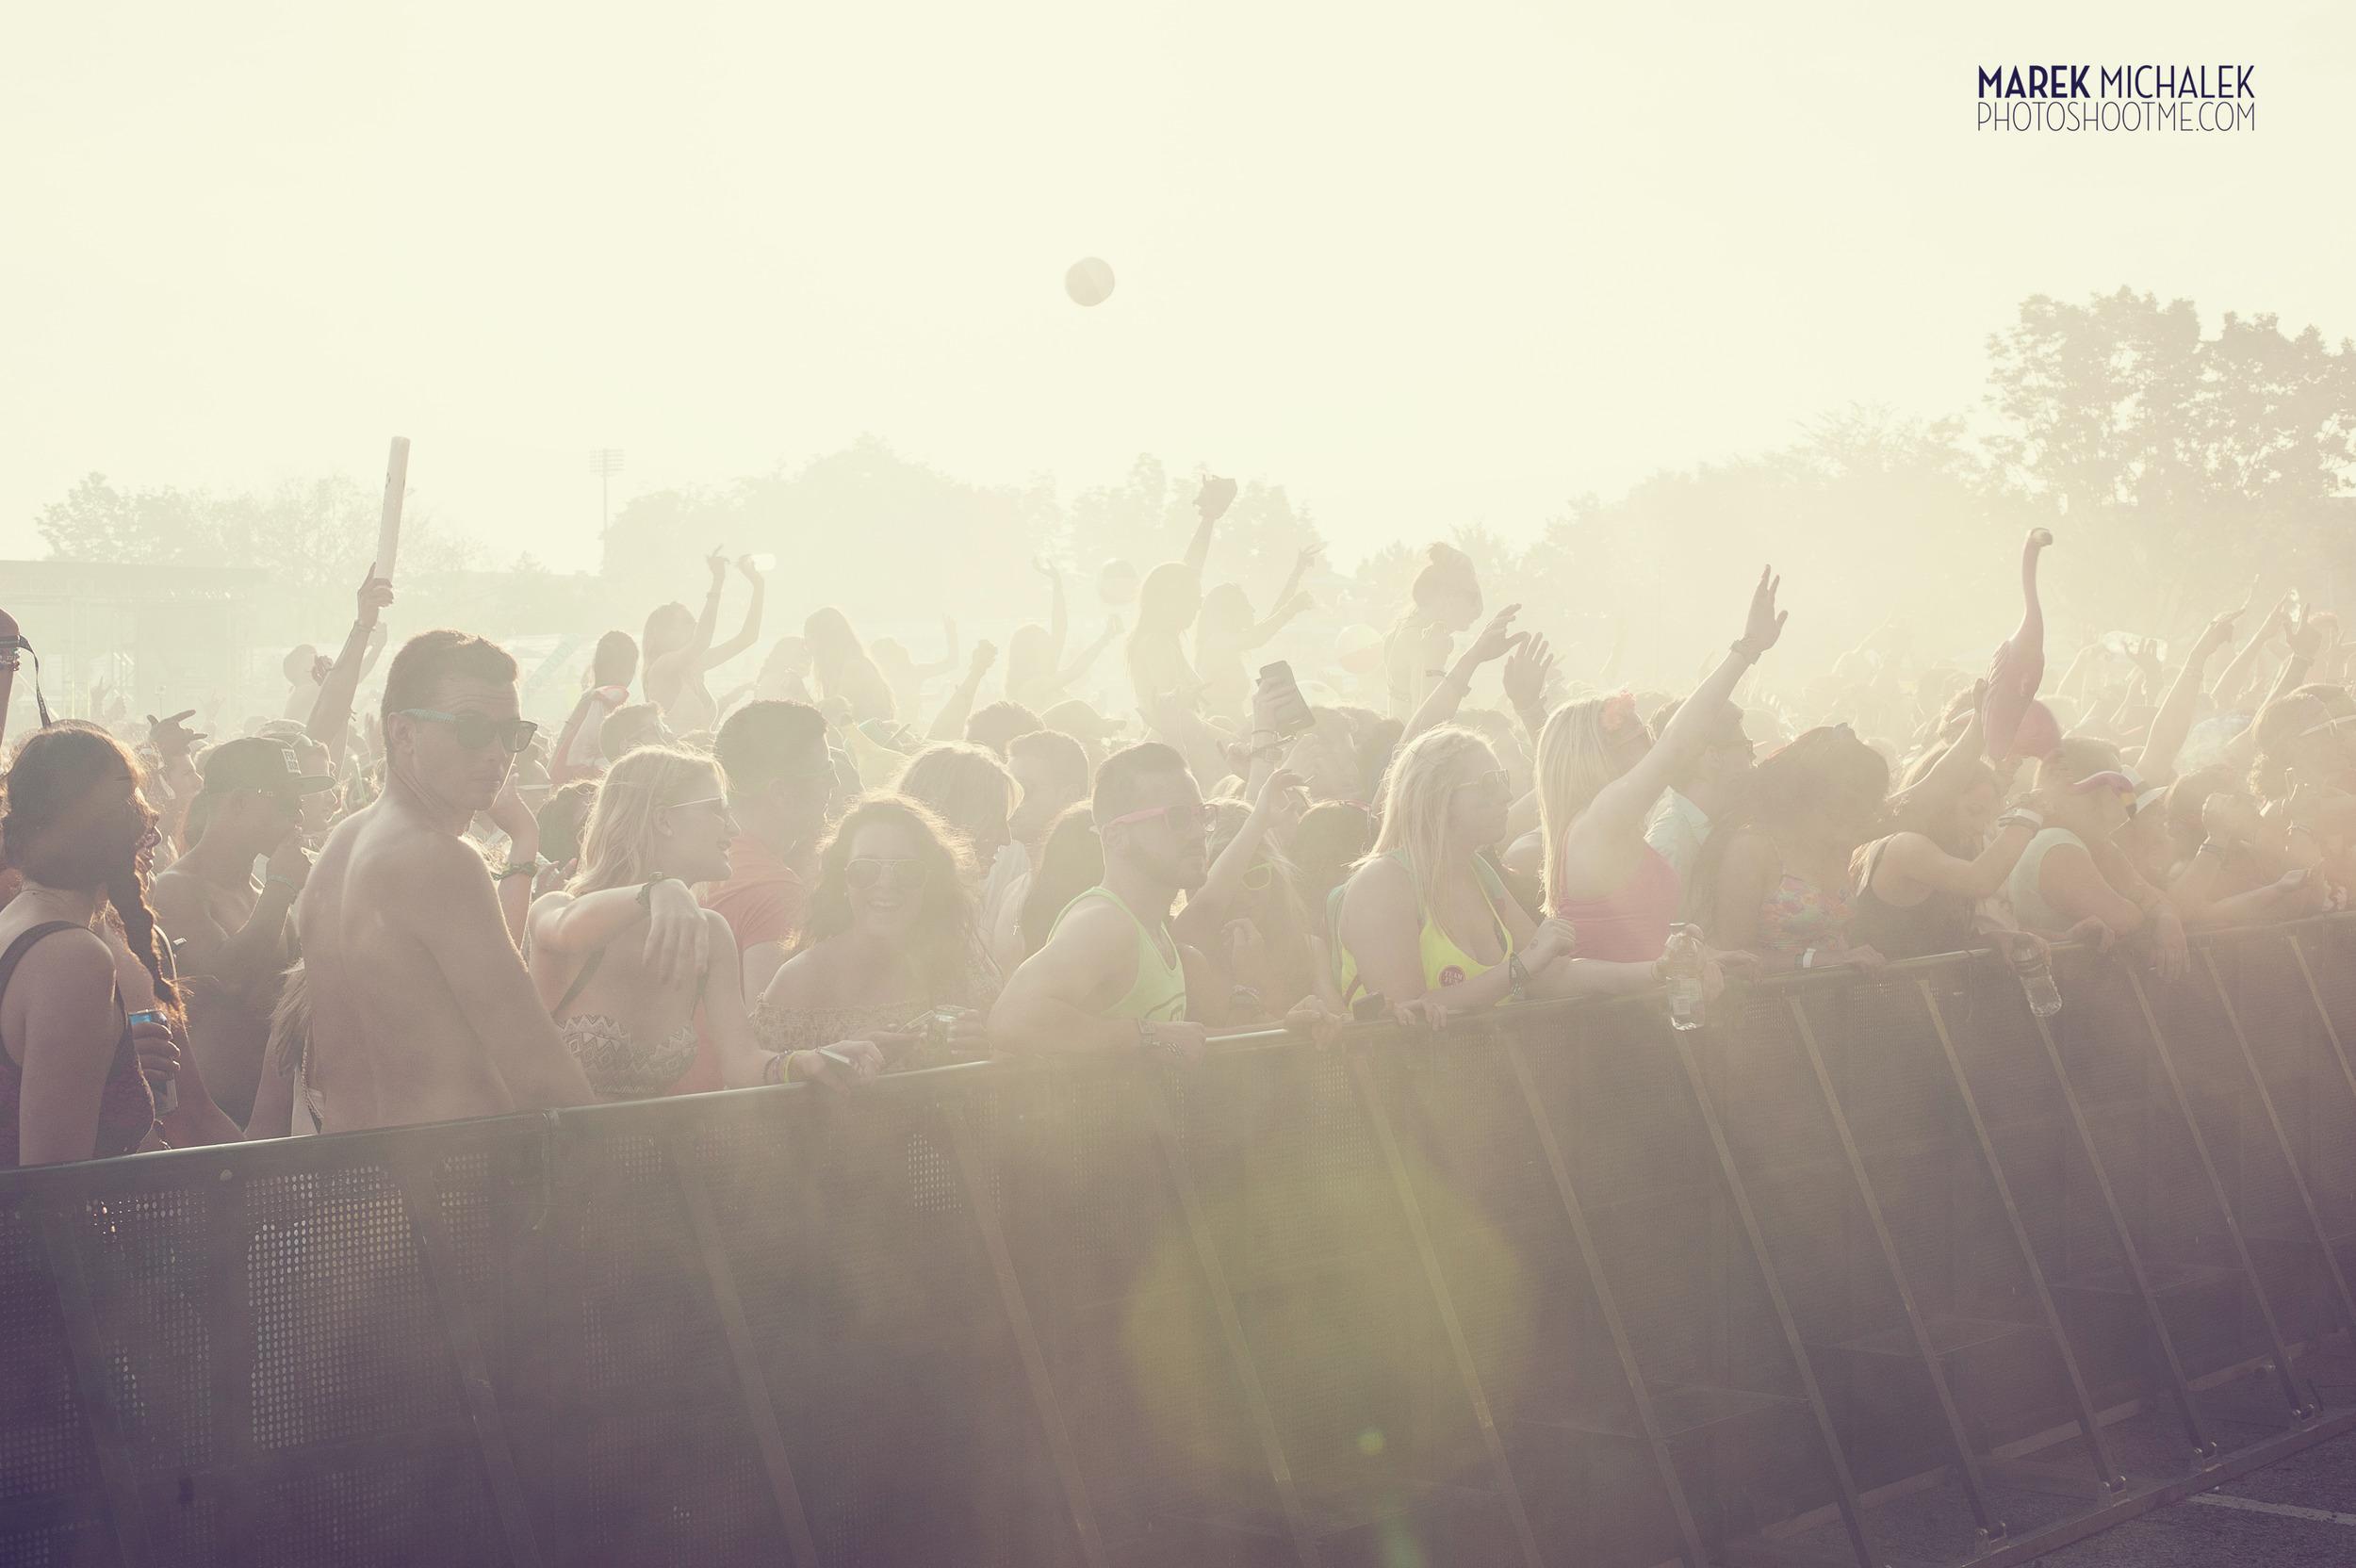 Digital Dreams Saturday 2014 - Marek Michalek 0210.JPG